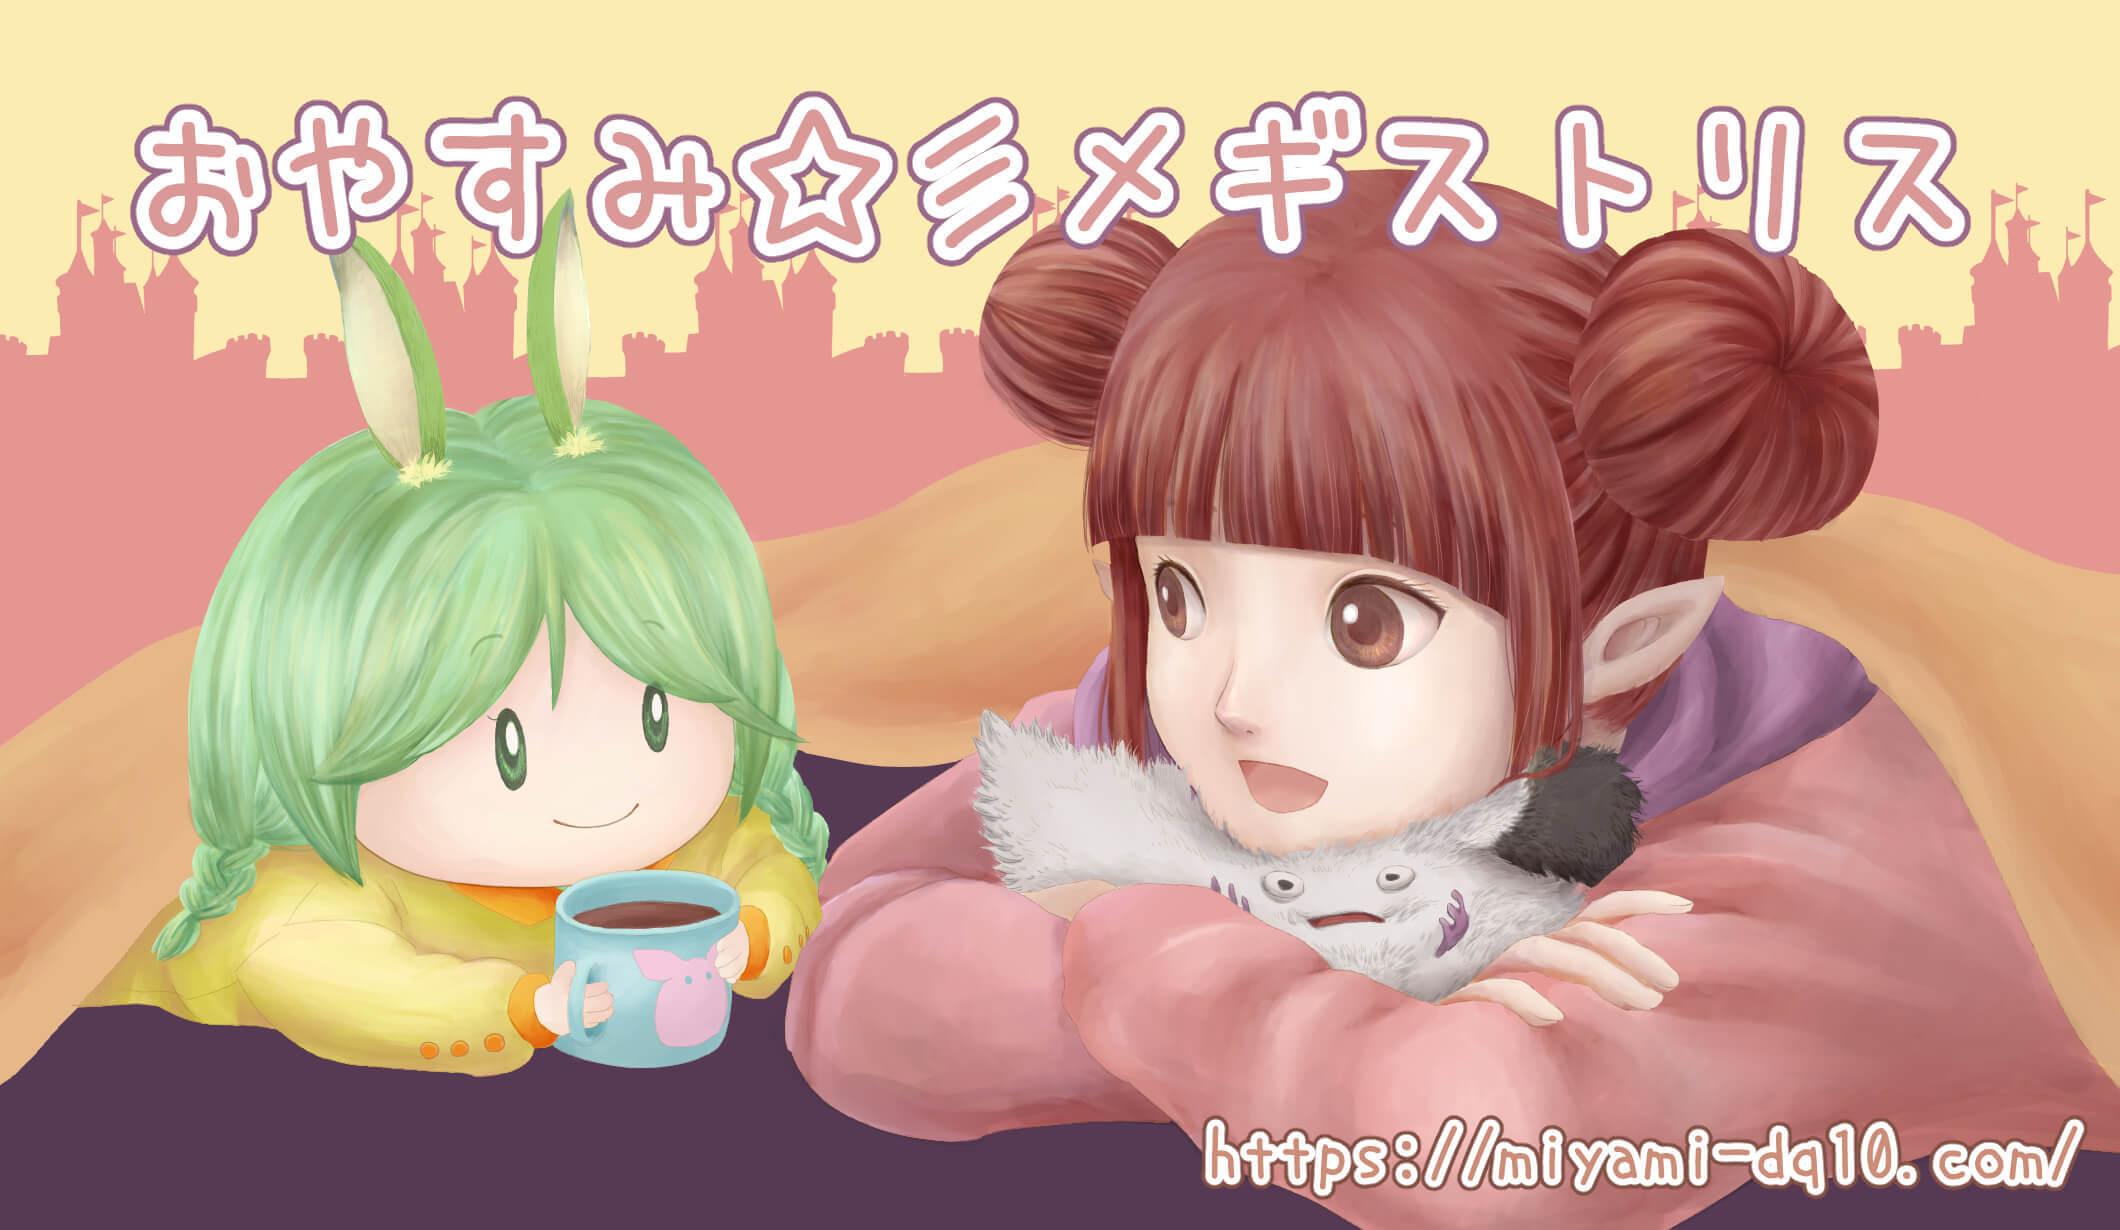 おやすみ☆彡メギストリス ドラクエ10ブログ